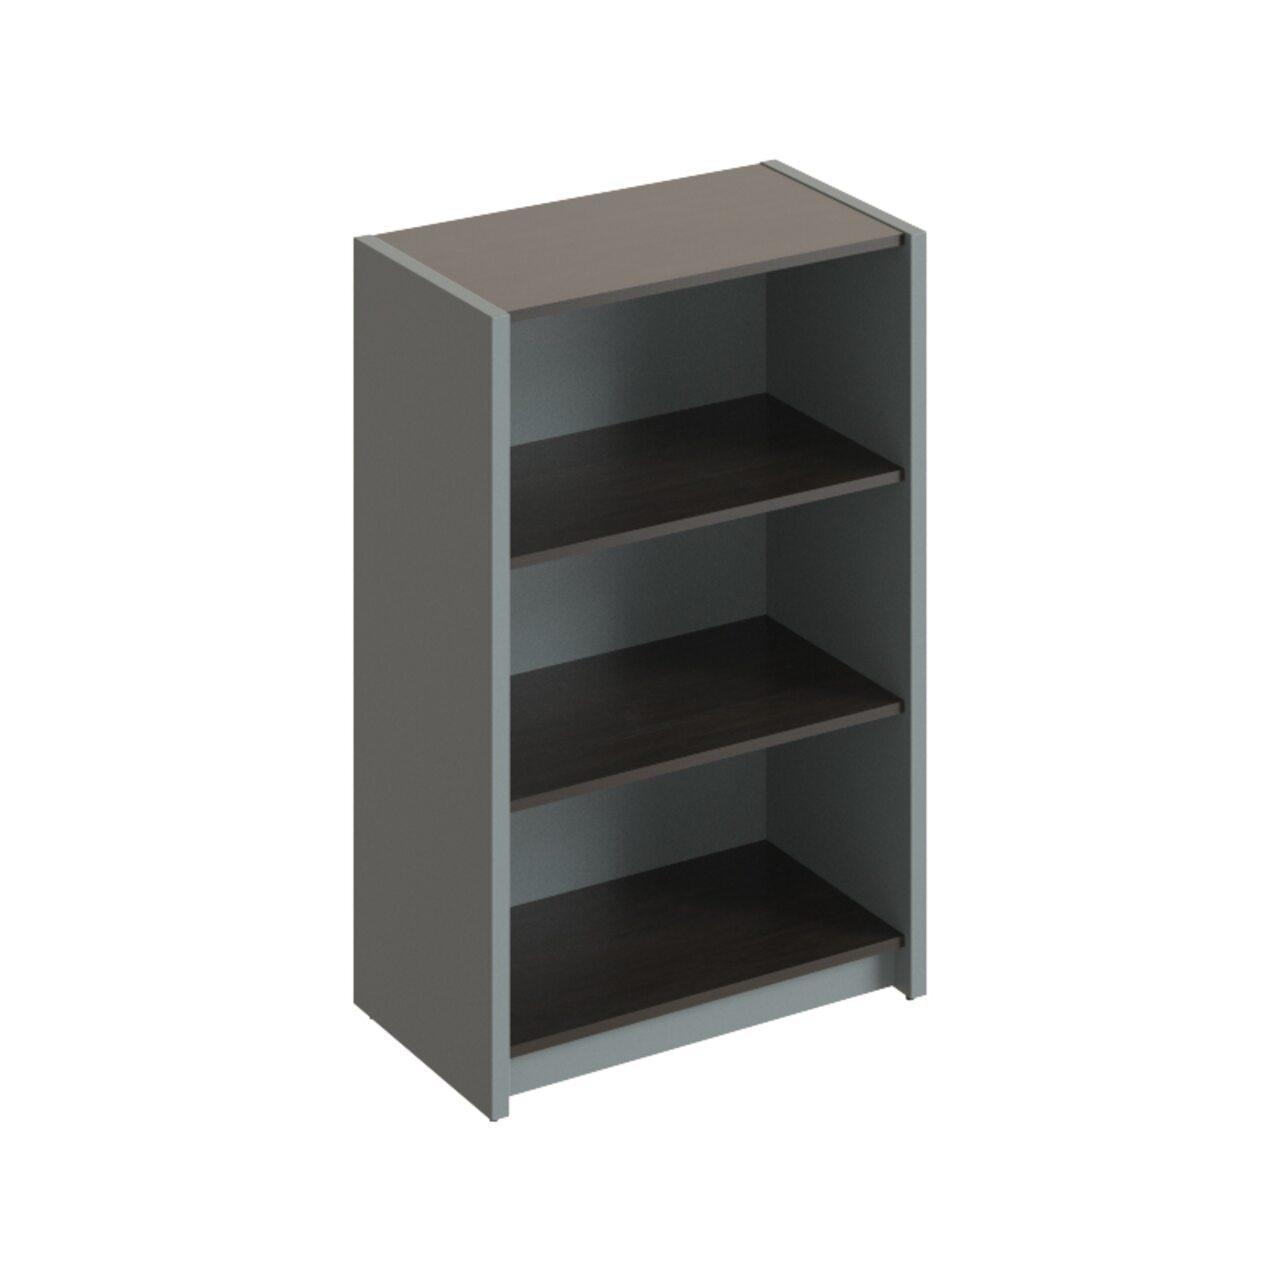 Шкаф средний открытый  Дельта 80x45x123 - фото 1